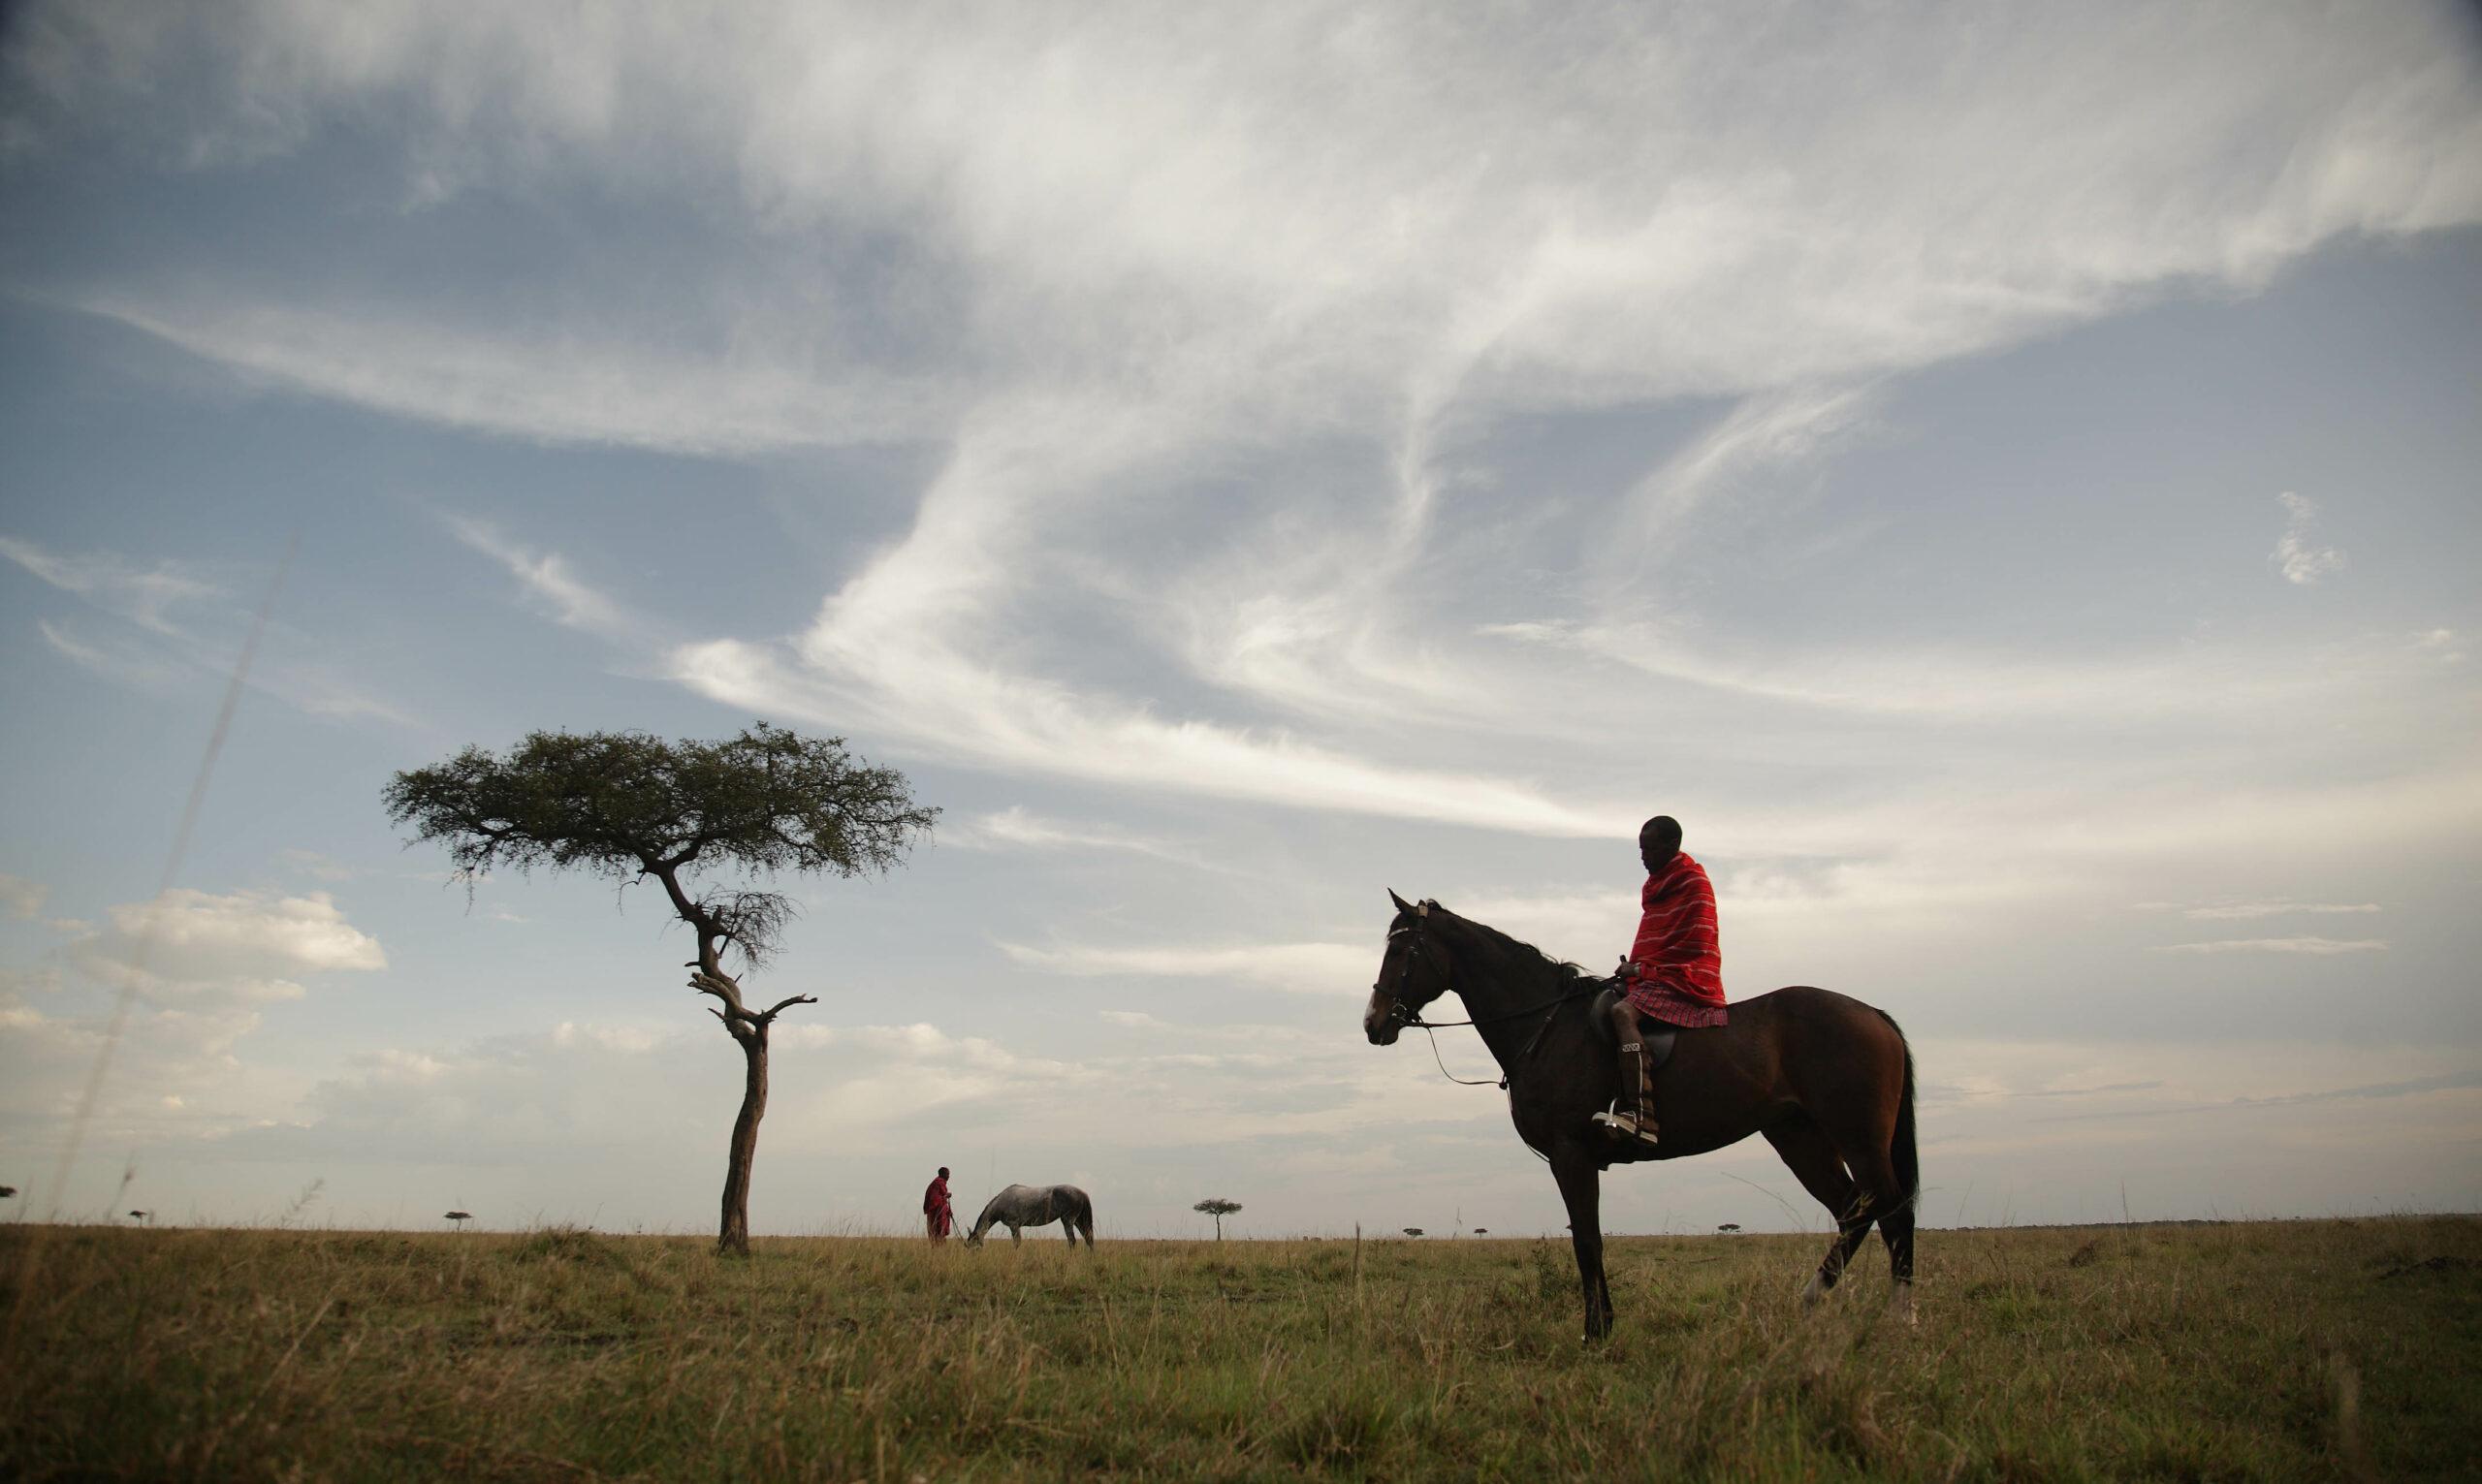 Safari te paard in de Masai regio / Kenia - Vakantie te paard / Reisbureau Perlan